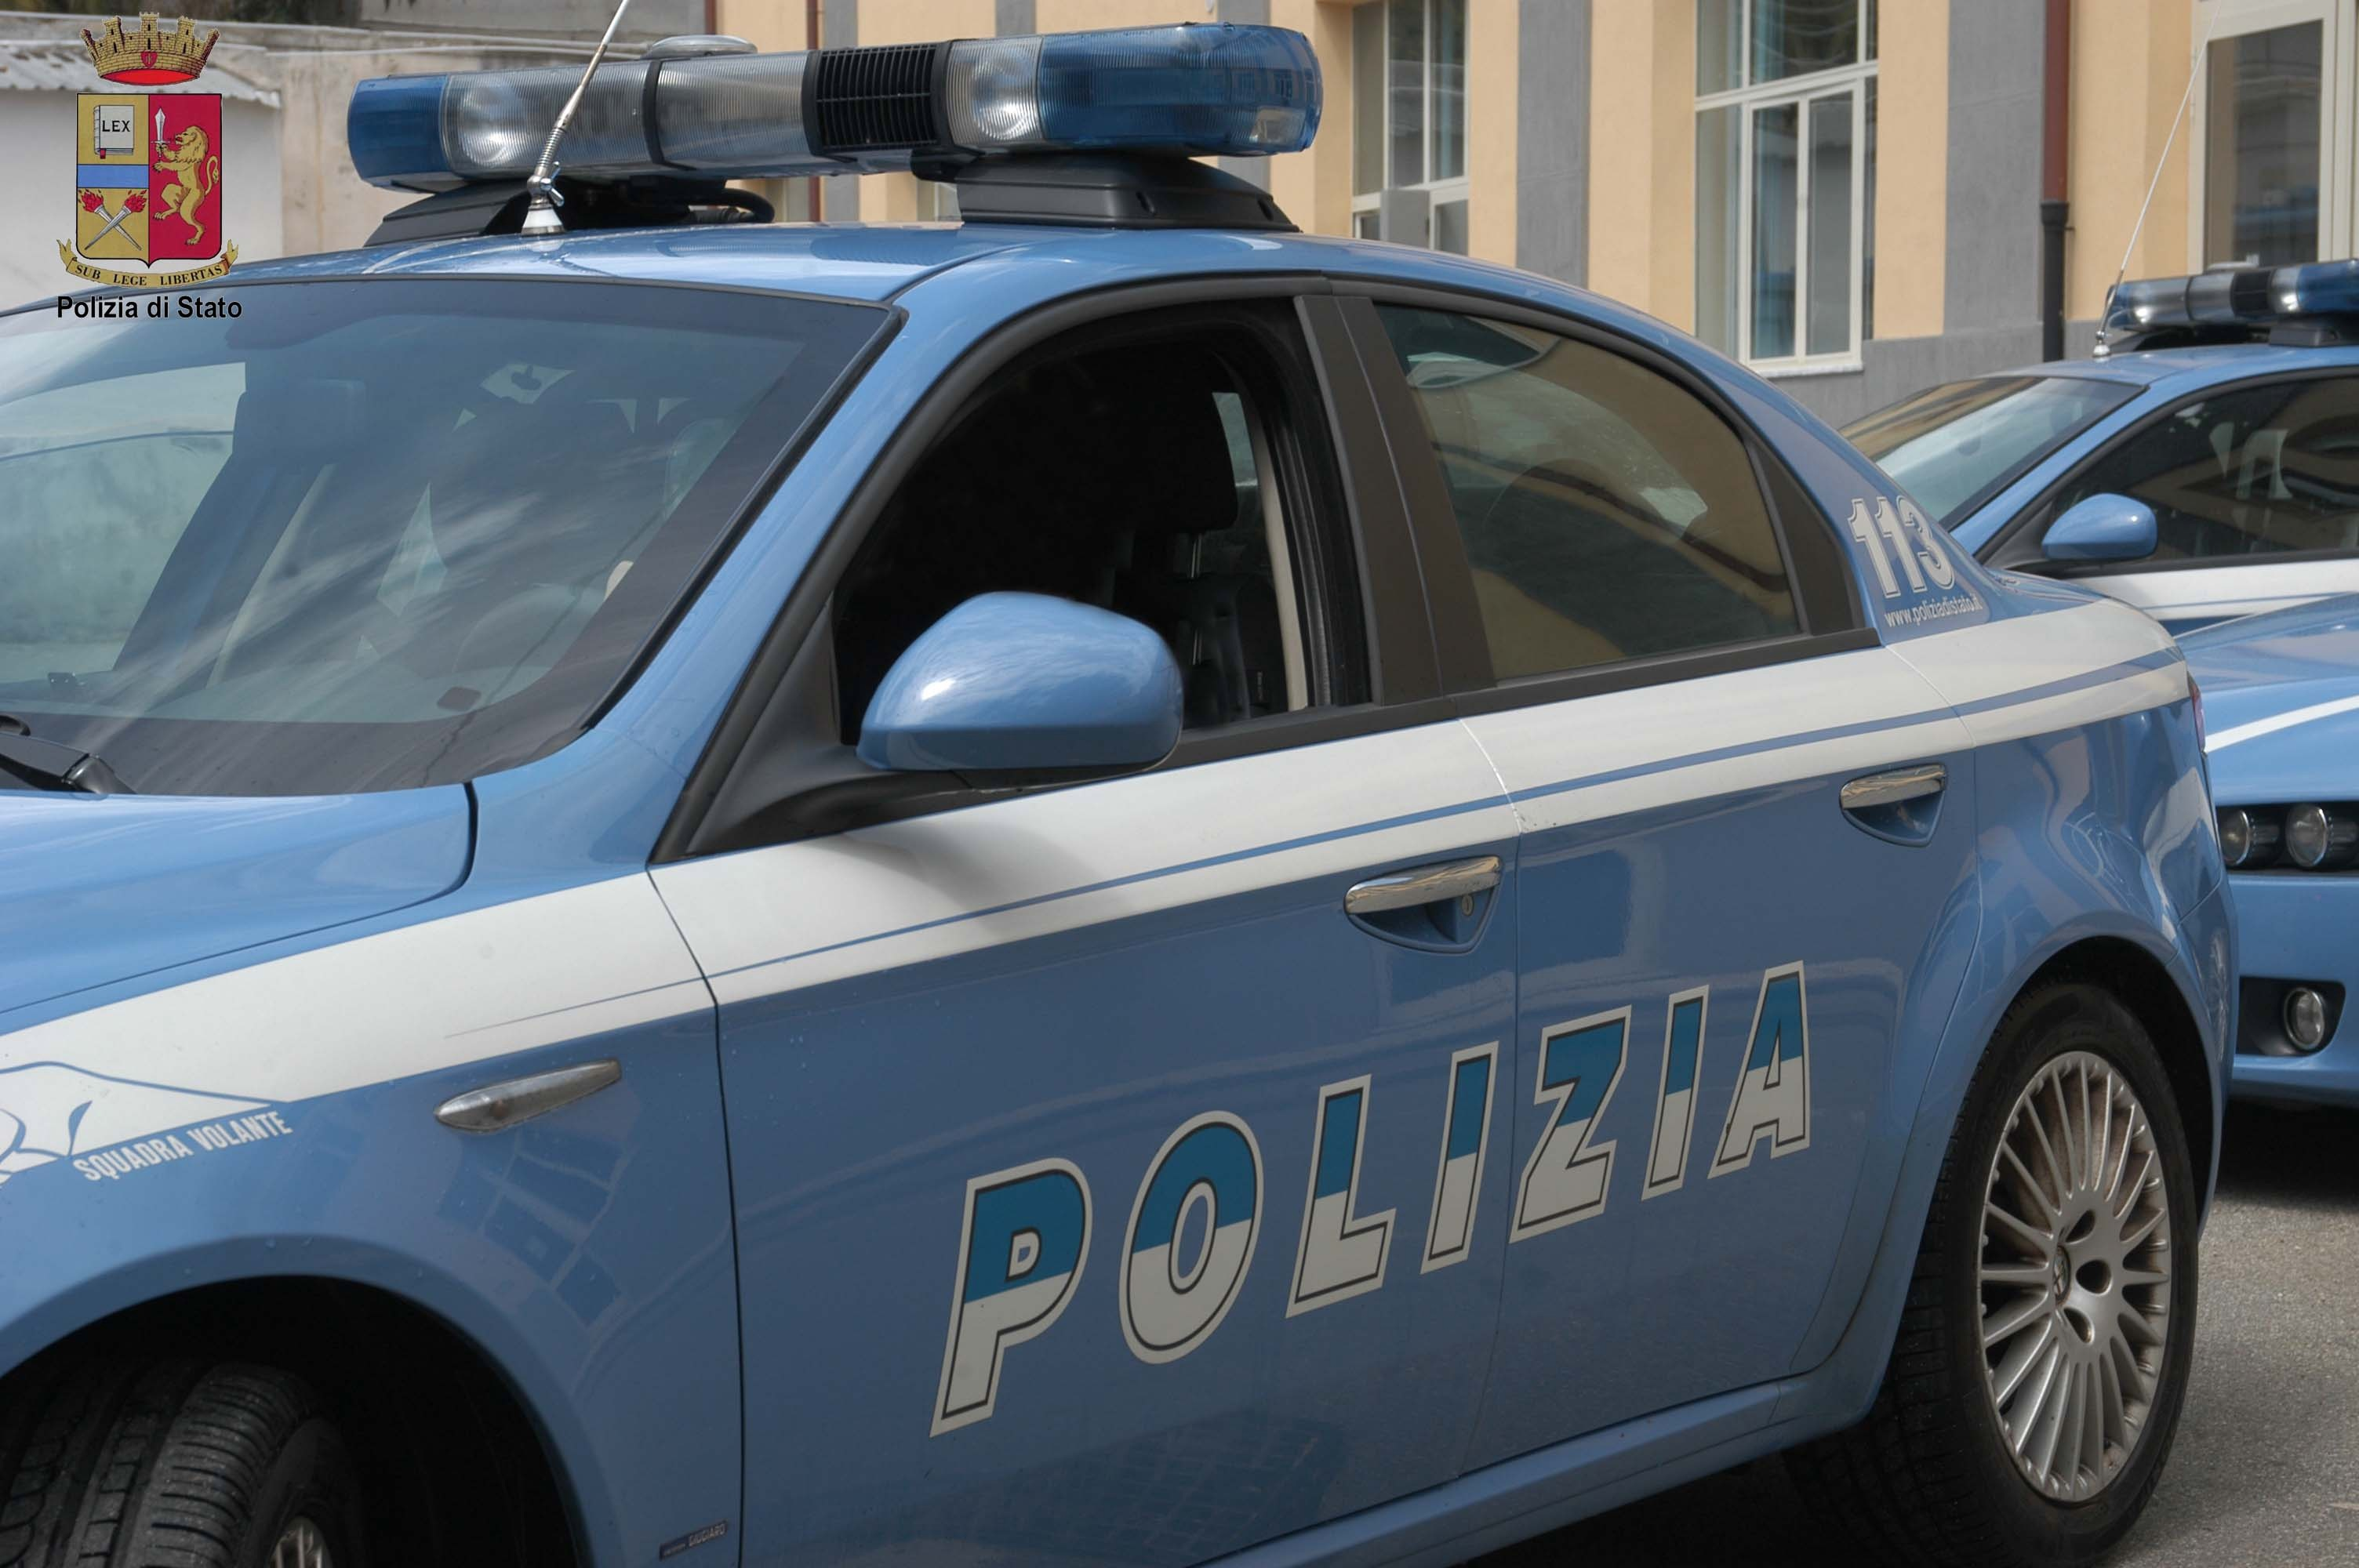 Viterbo, ancora un caso di stalking, 50enne minaccia ex che lo ha lasciato, arrestato